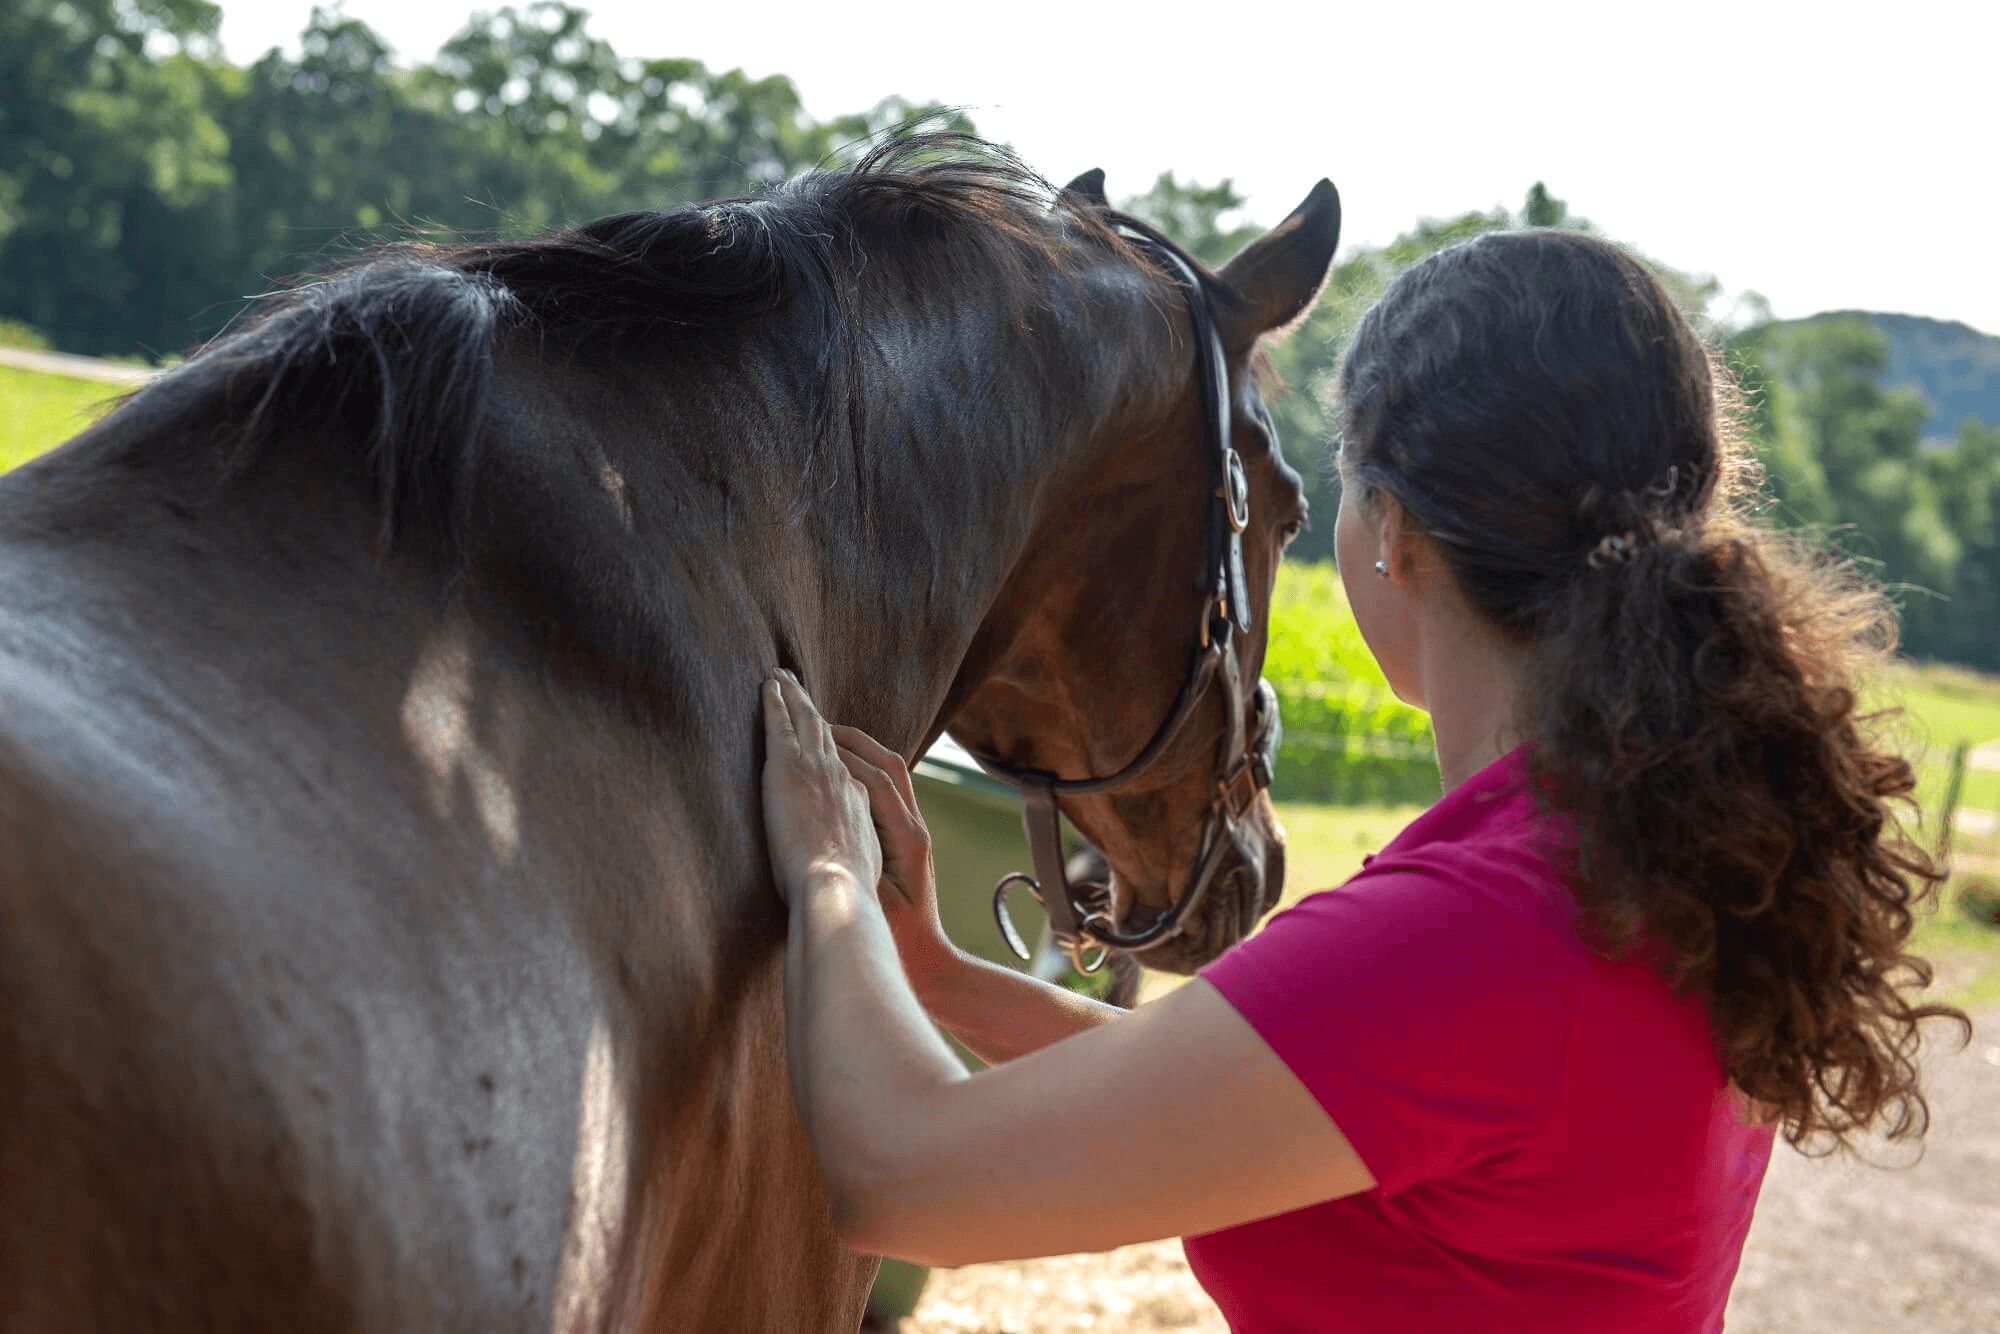 Muskeltherapie, manuelle Techniken, Pferdephysiotherapie